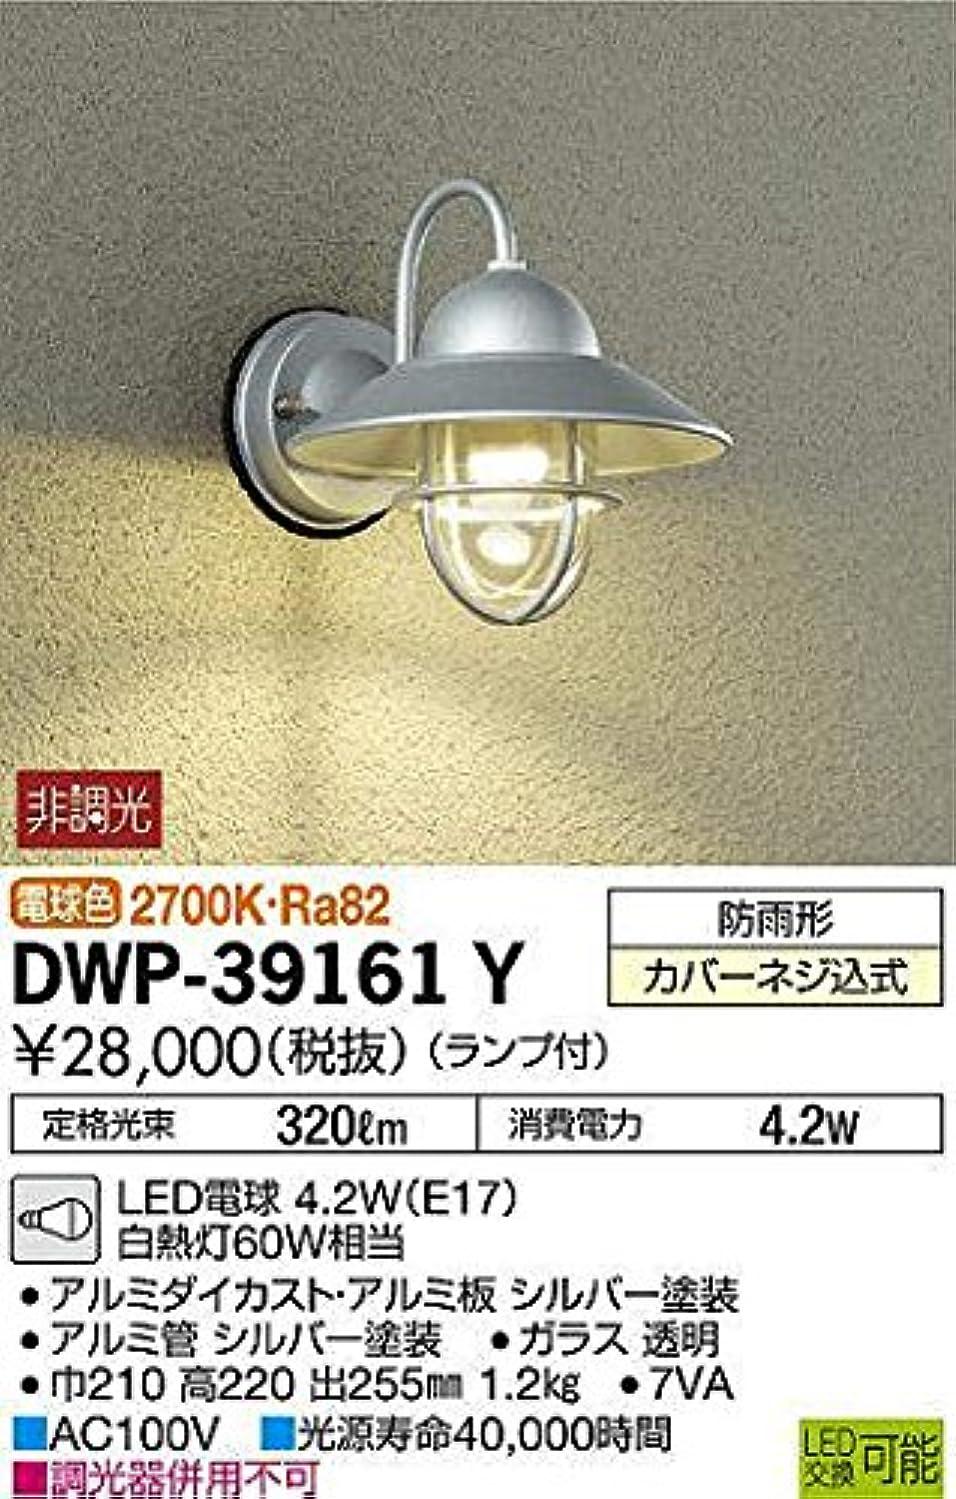 オープナーメトリック壮大大光電機(DAIKO) LEDアウトドアライト (ランプ付) LED電球 4.7W(E17) 電球色 2700K DWP-39161Y